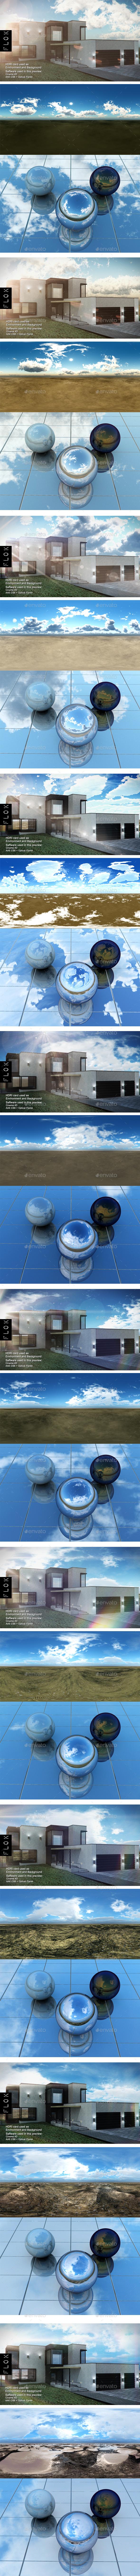 HDRI Pack - Desert vol12 - 3DOcean Item for Sale